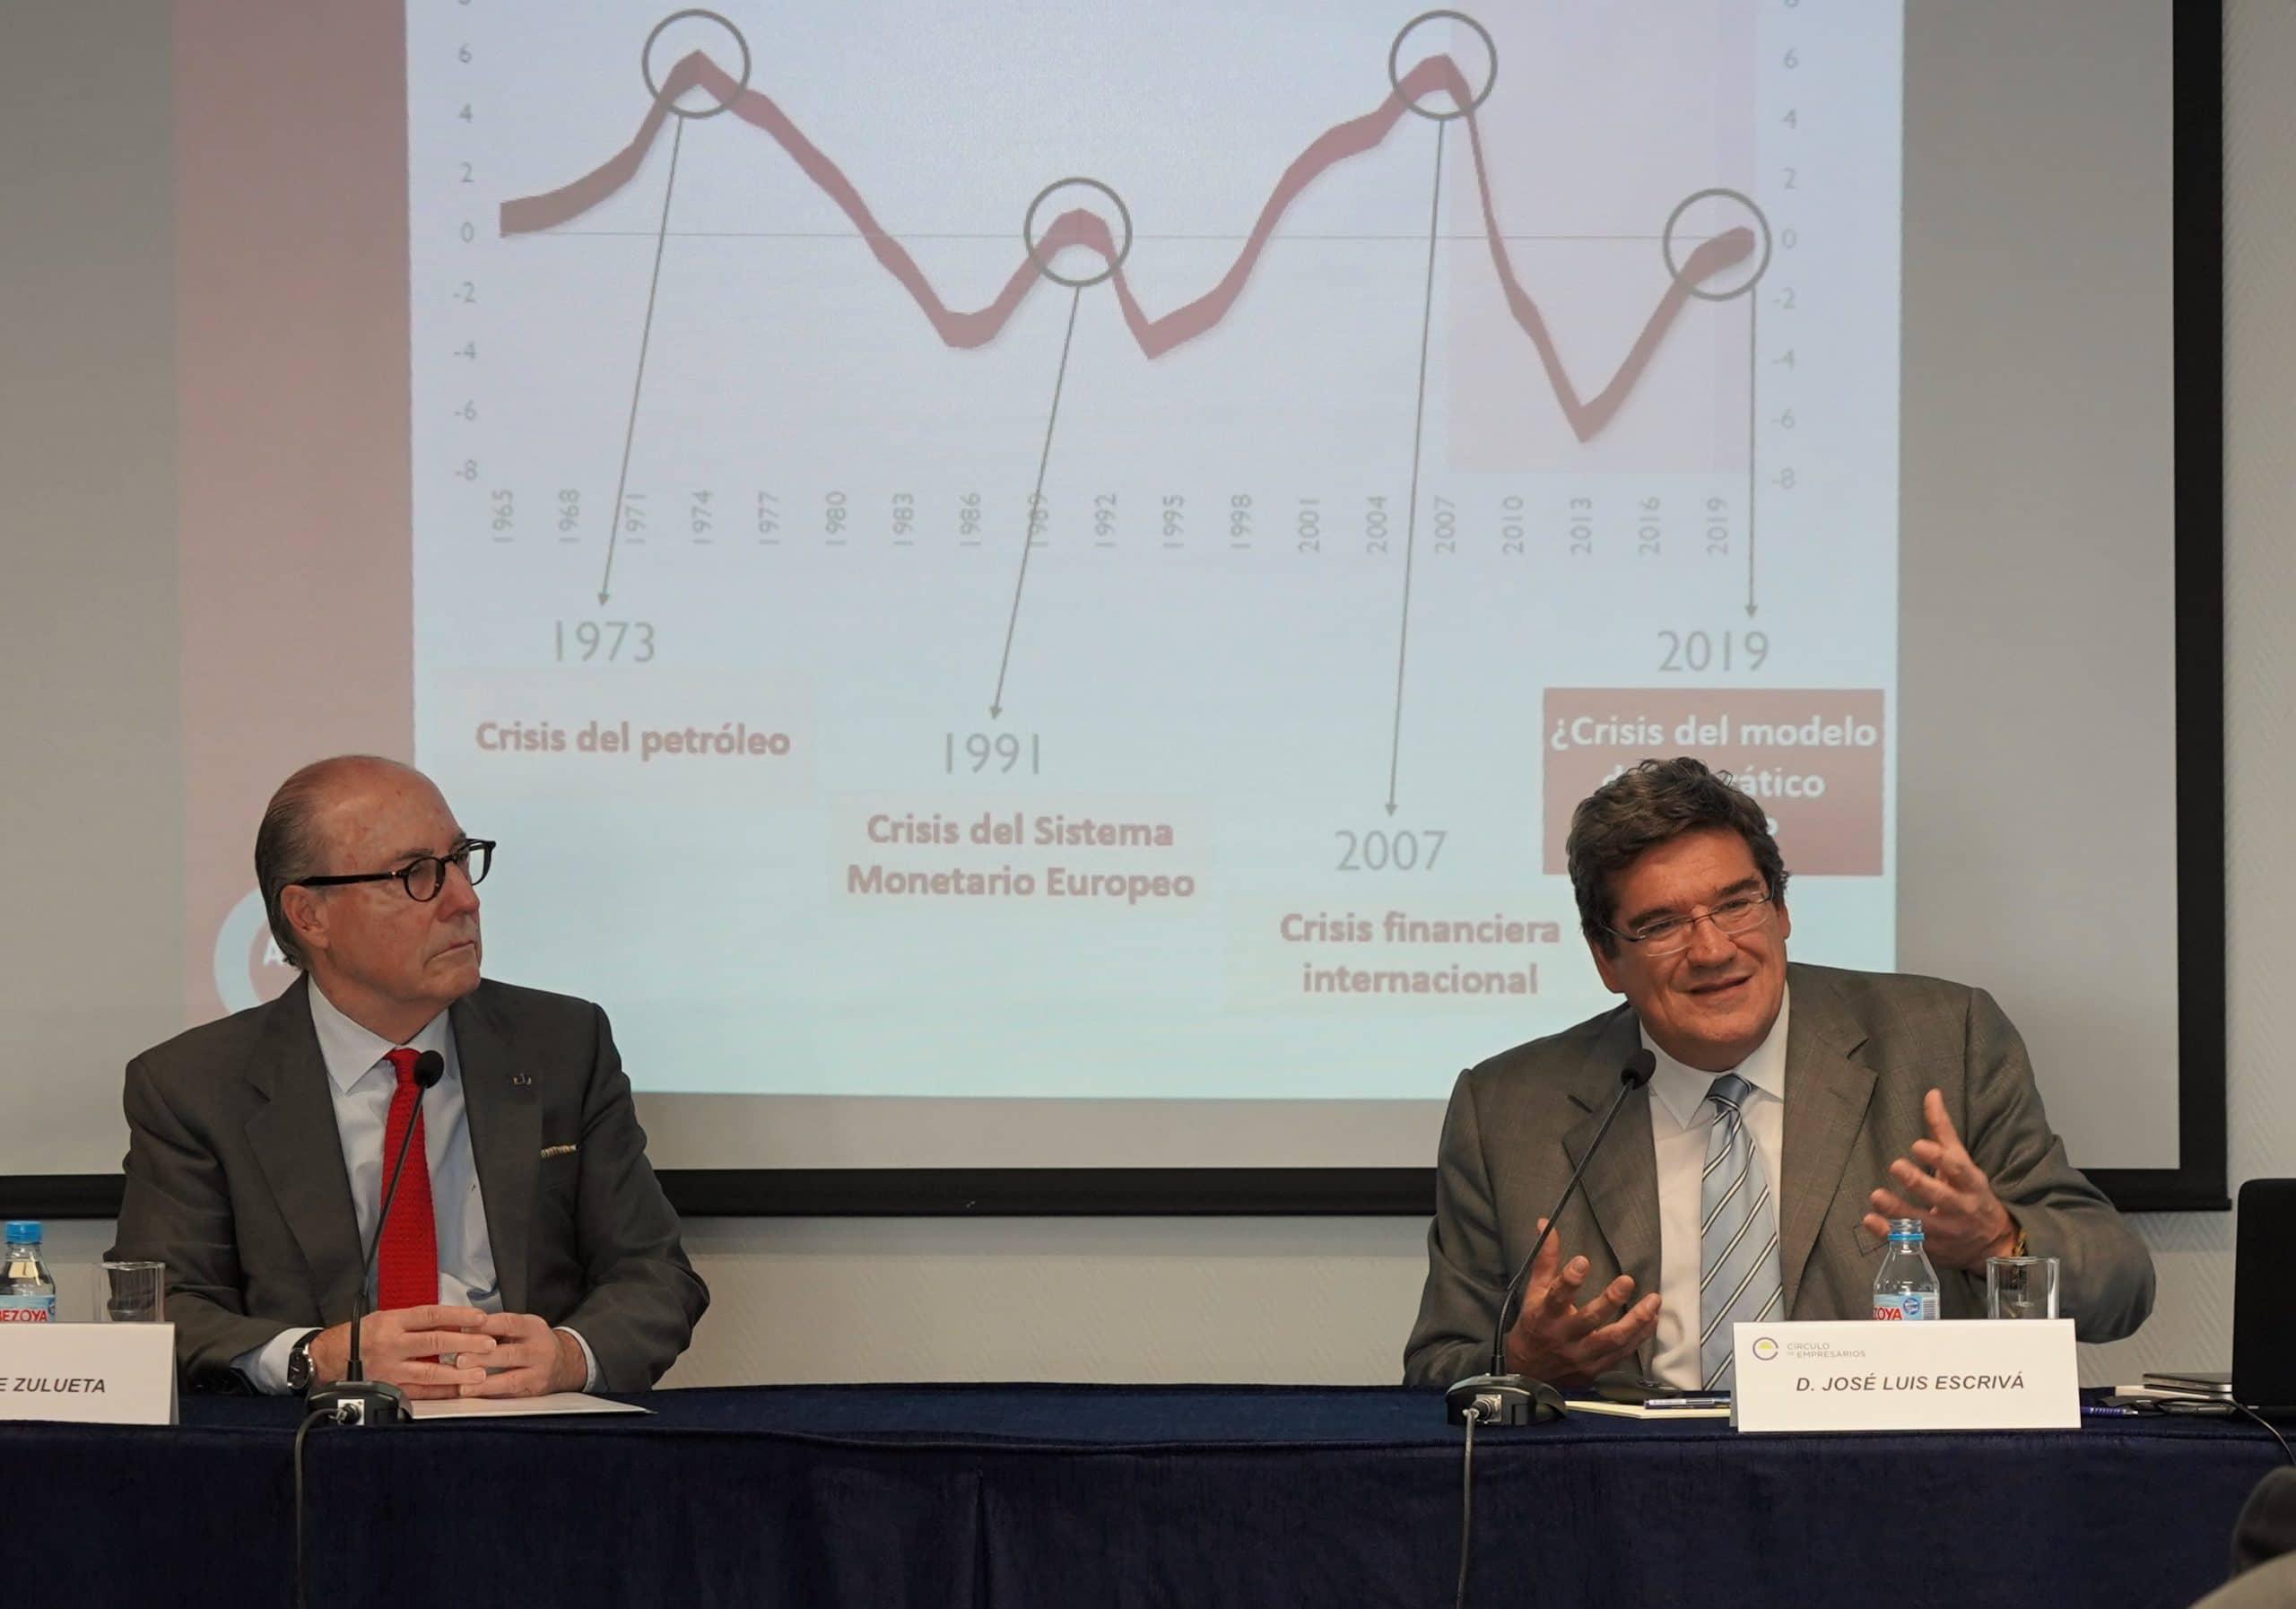 José Luis Escrivá en el encuentro del Círculo de Empresarios